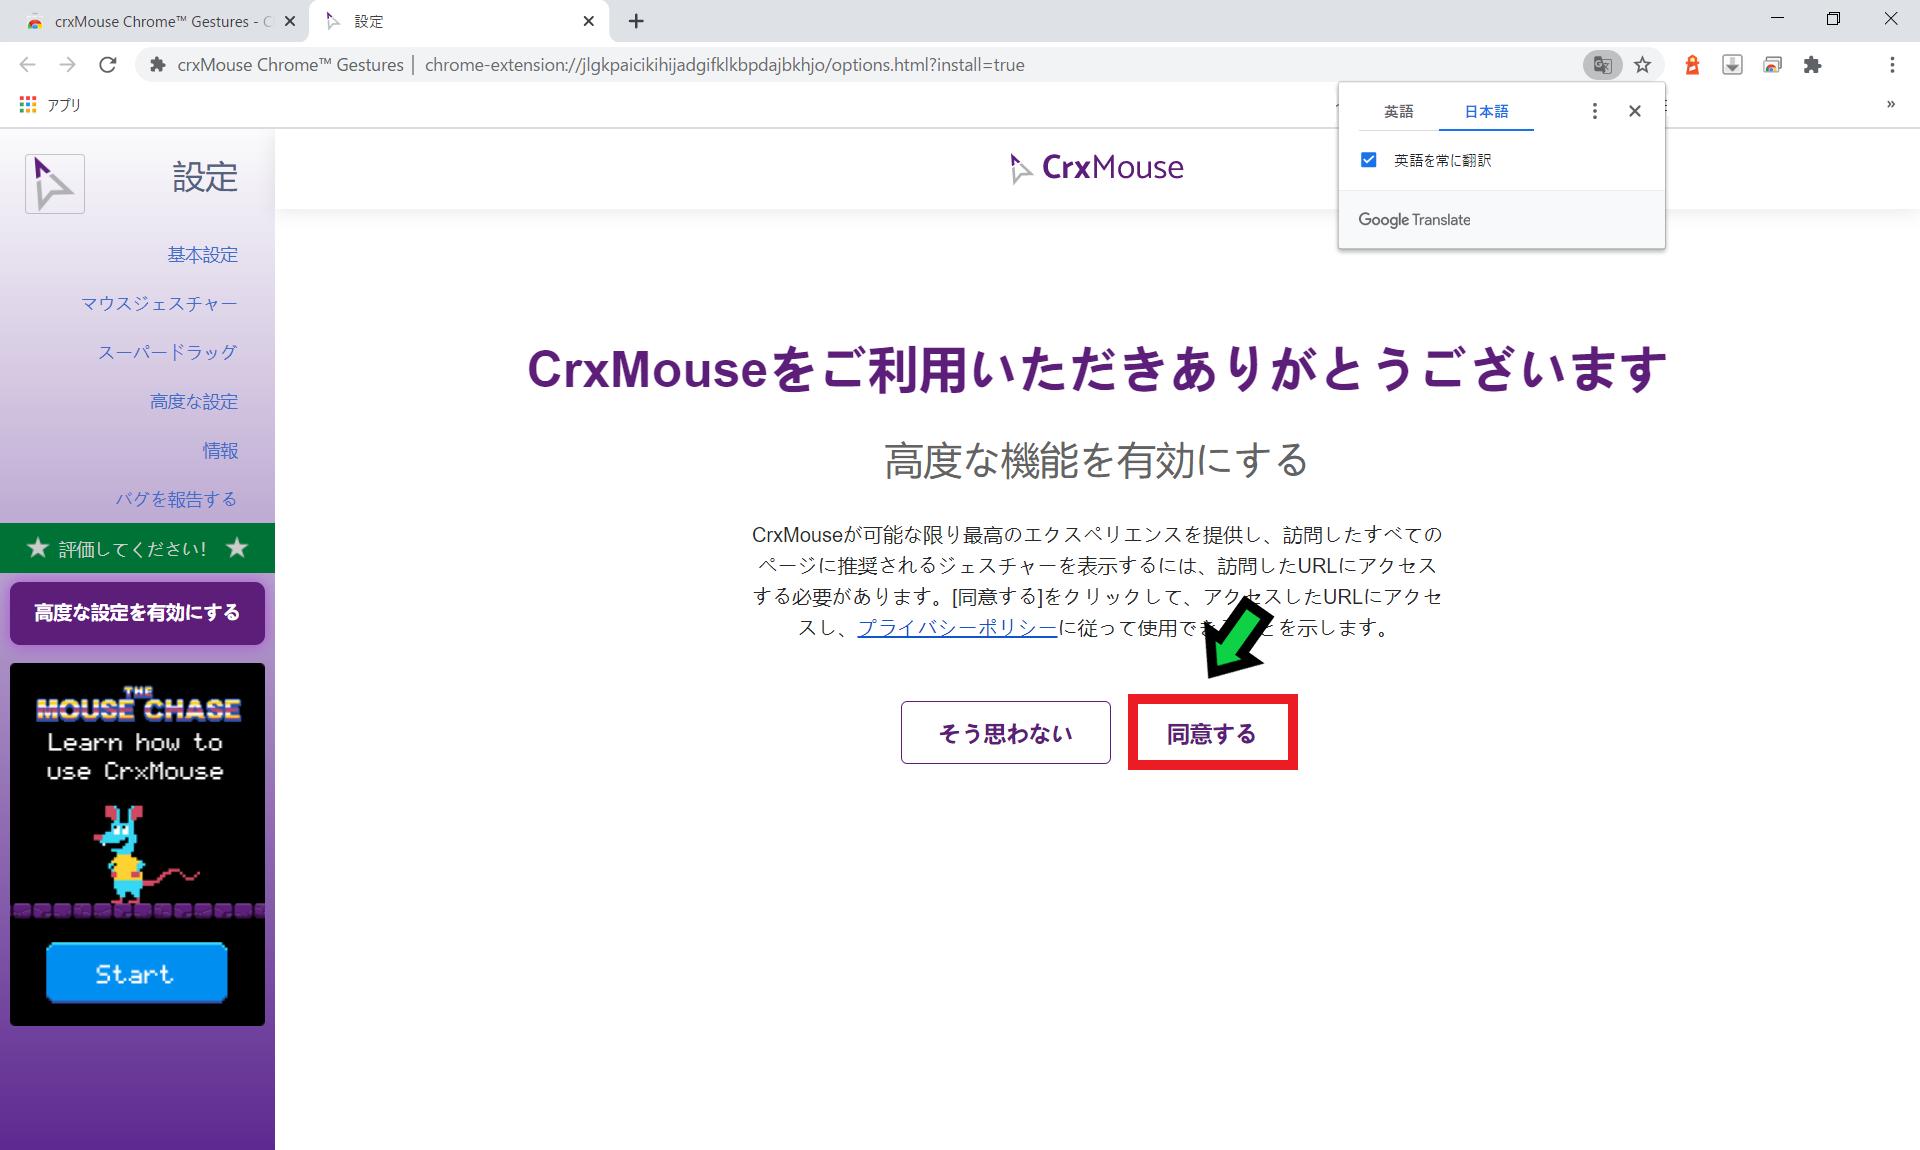 マウスジェスチャーを追加するプラグイン「crxMouse」の設定方法【Chrome】